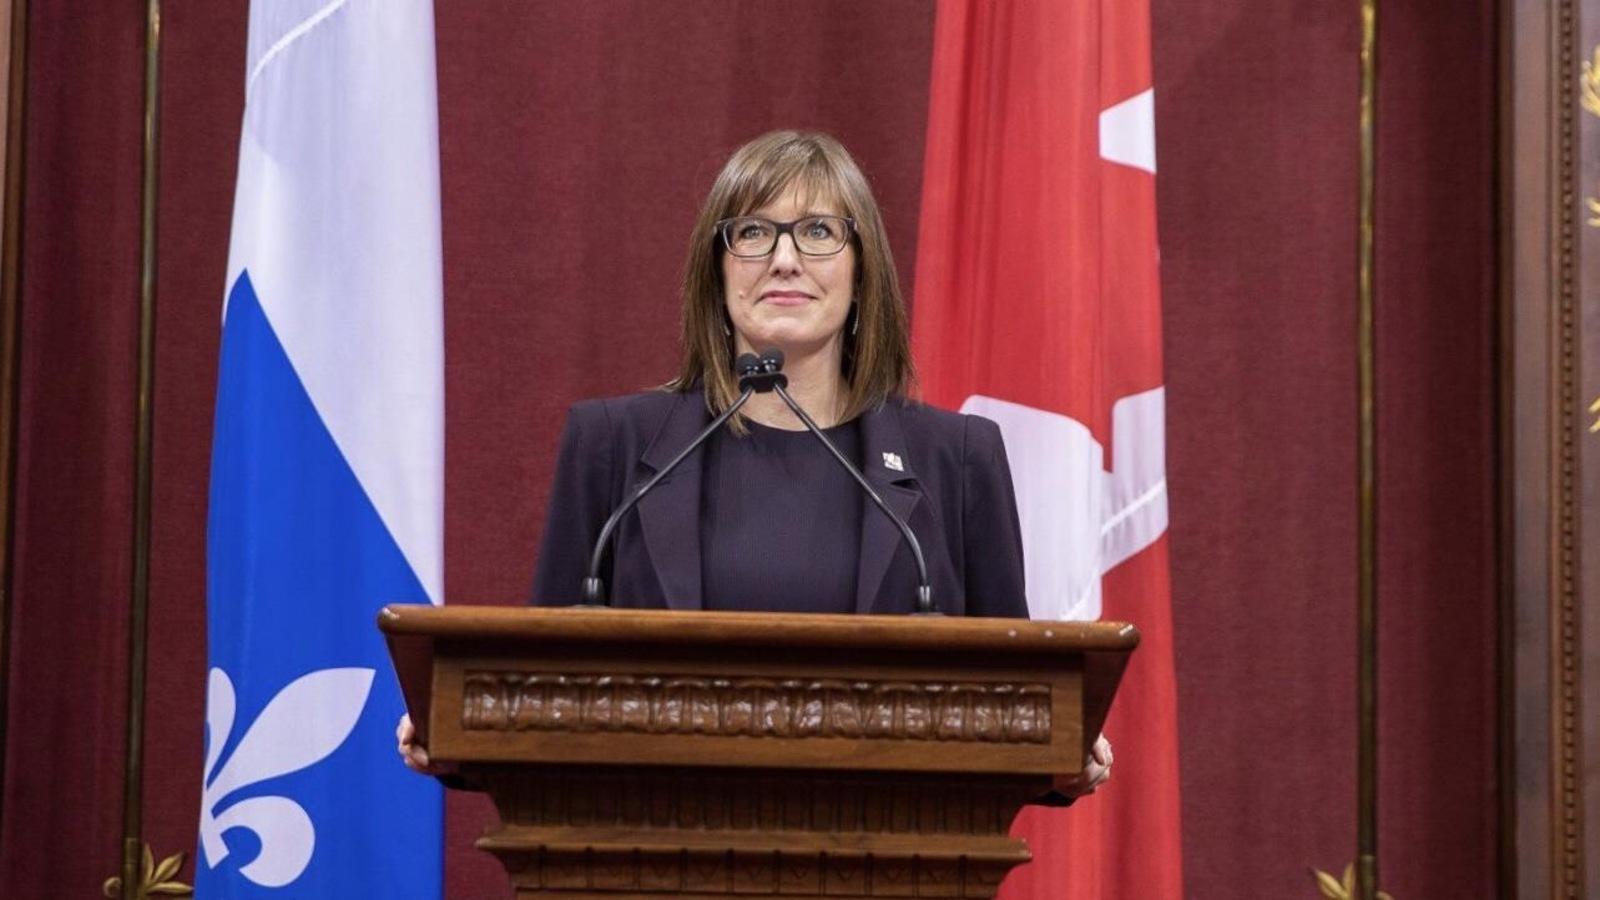 La ministre Proulx lors de son assermentation